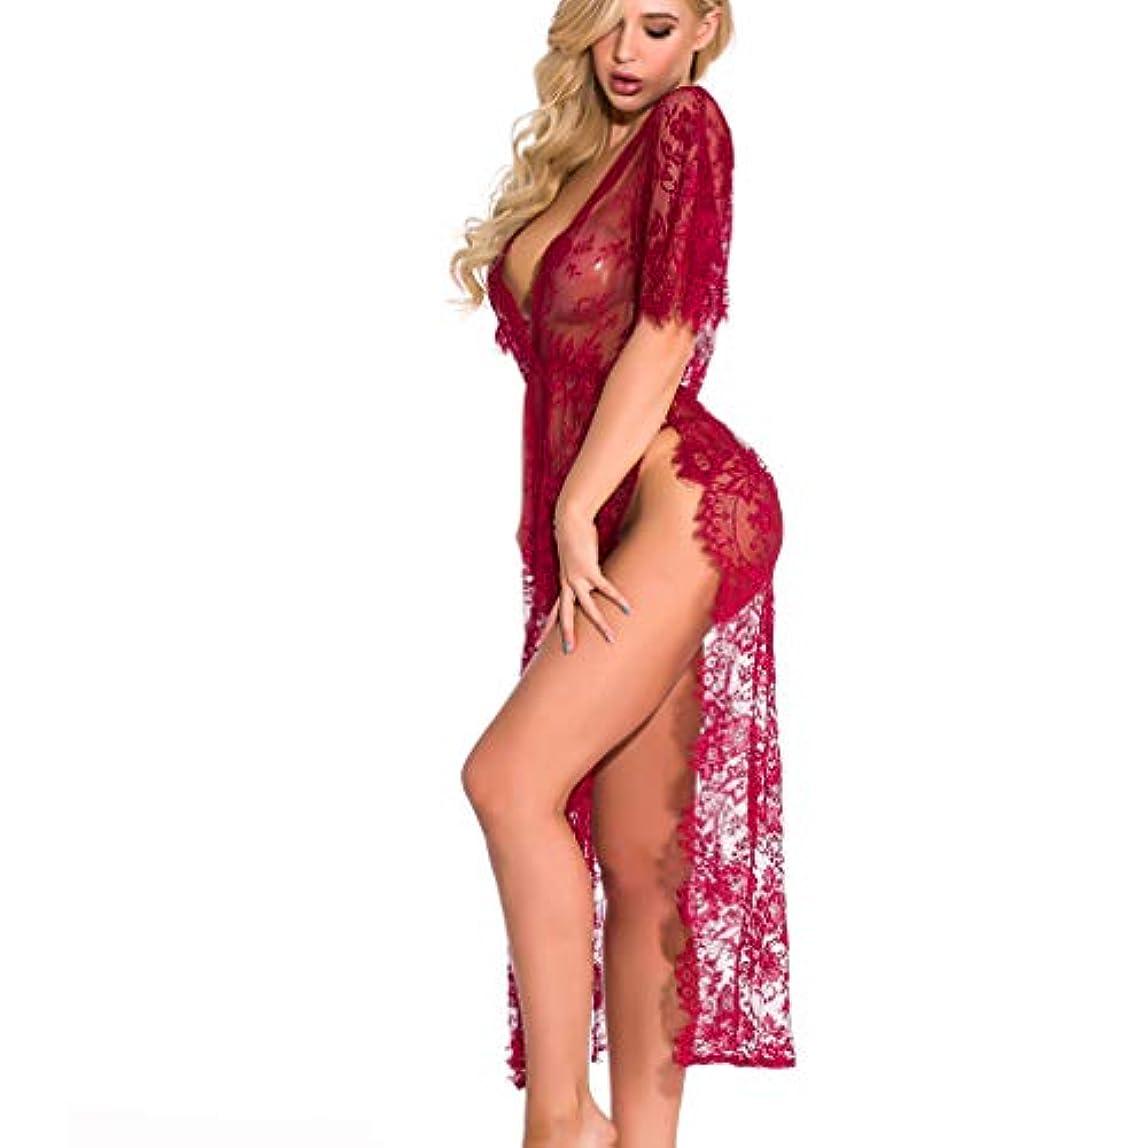 可塑性強制的嫌い女性セクシーなレースのランジェリーセクシー ベビードール ネグリジェ ナイトウェア Tバック付 誘惑 下着 透ける 過激 シースルー ハーフスリップ インナーウェア パジャマ 背中を可愛らしく 無地 寝間着 部屋着 プレゼント